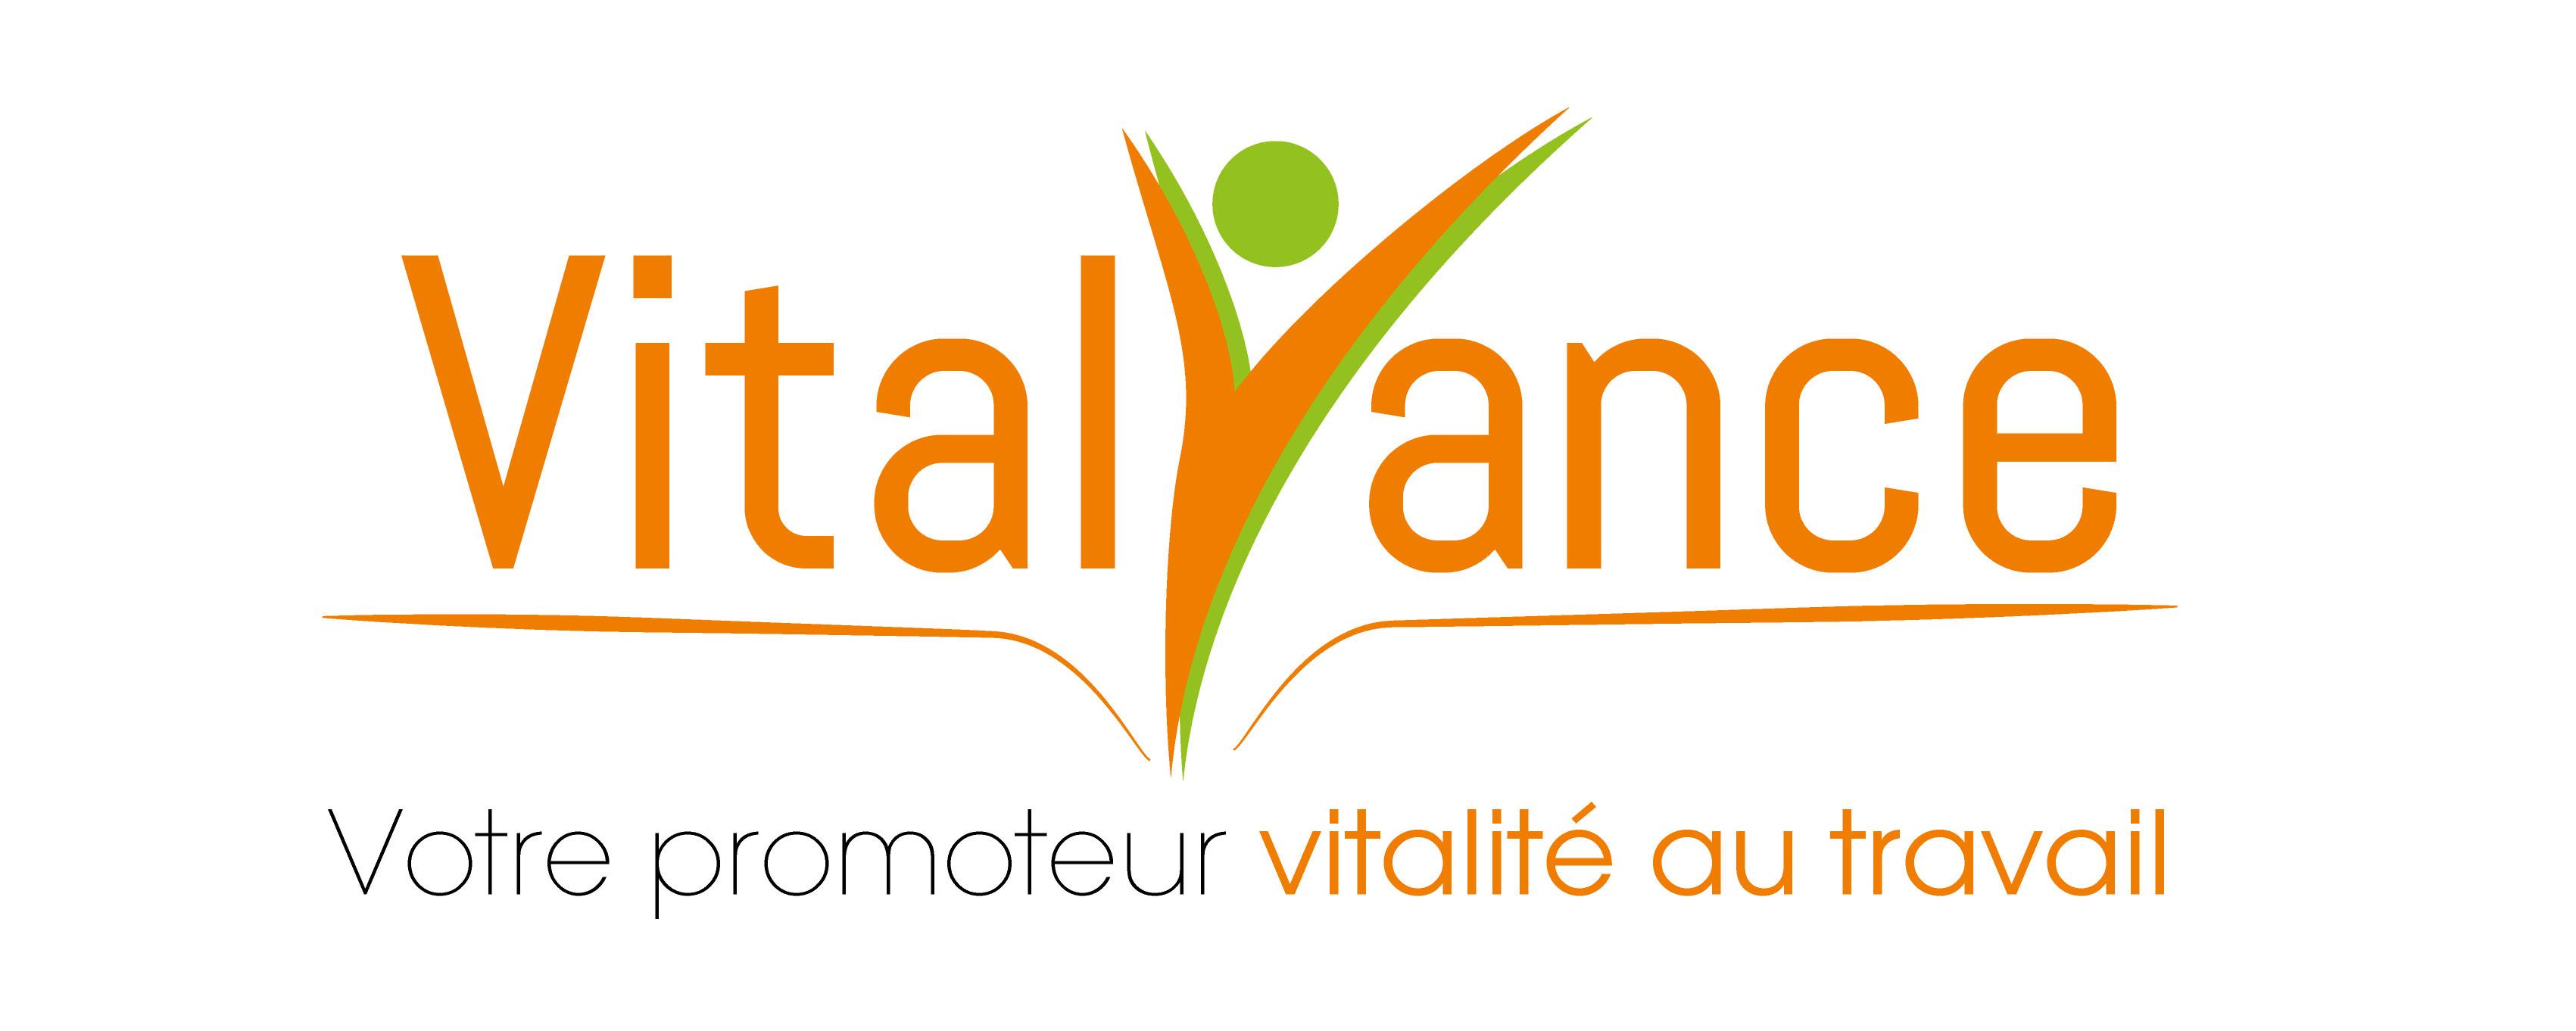 Votre promoteur vitalité